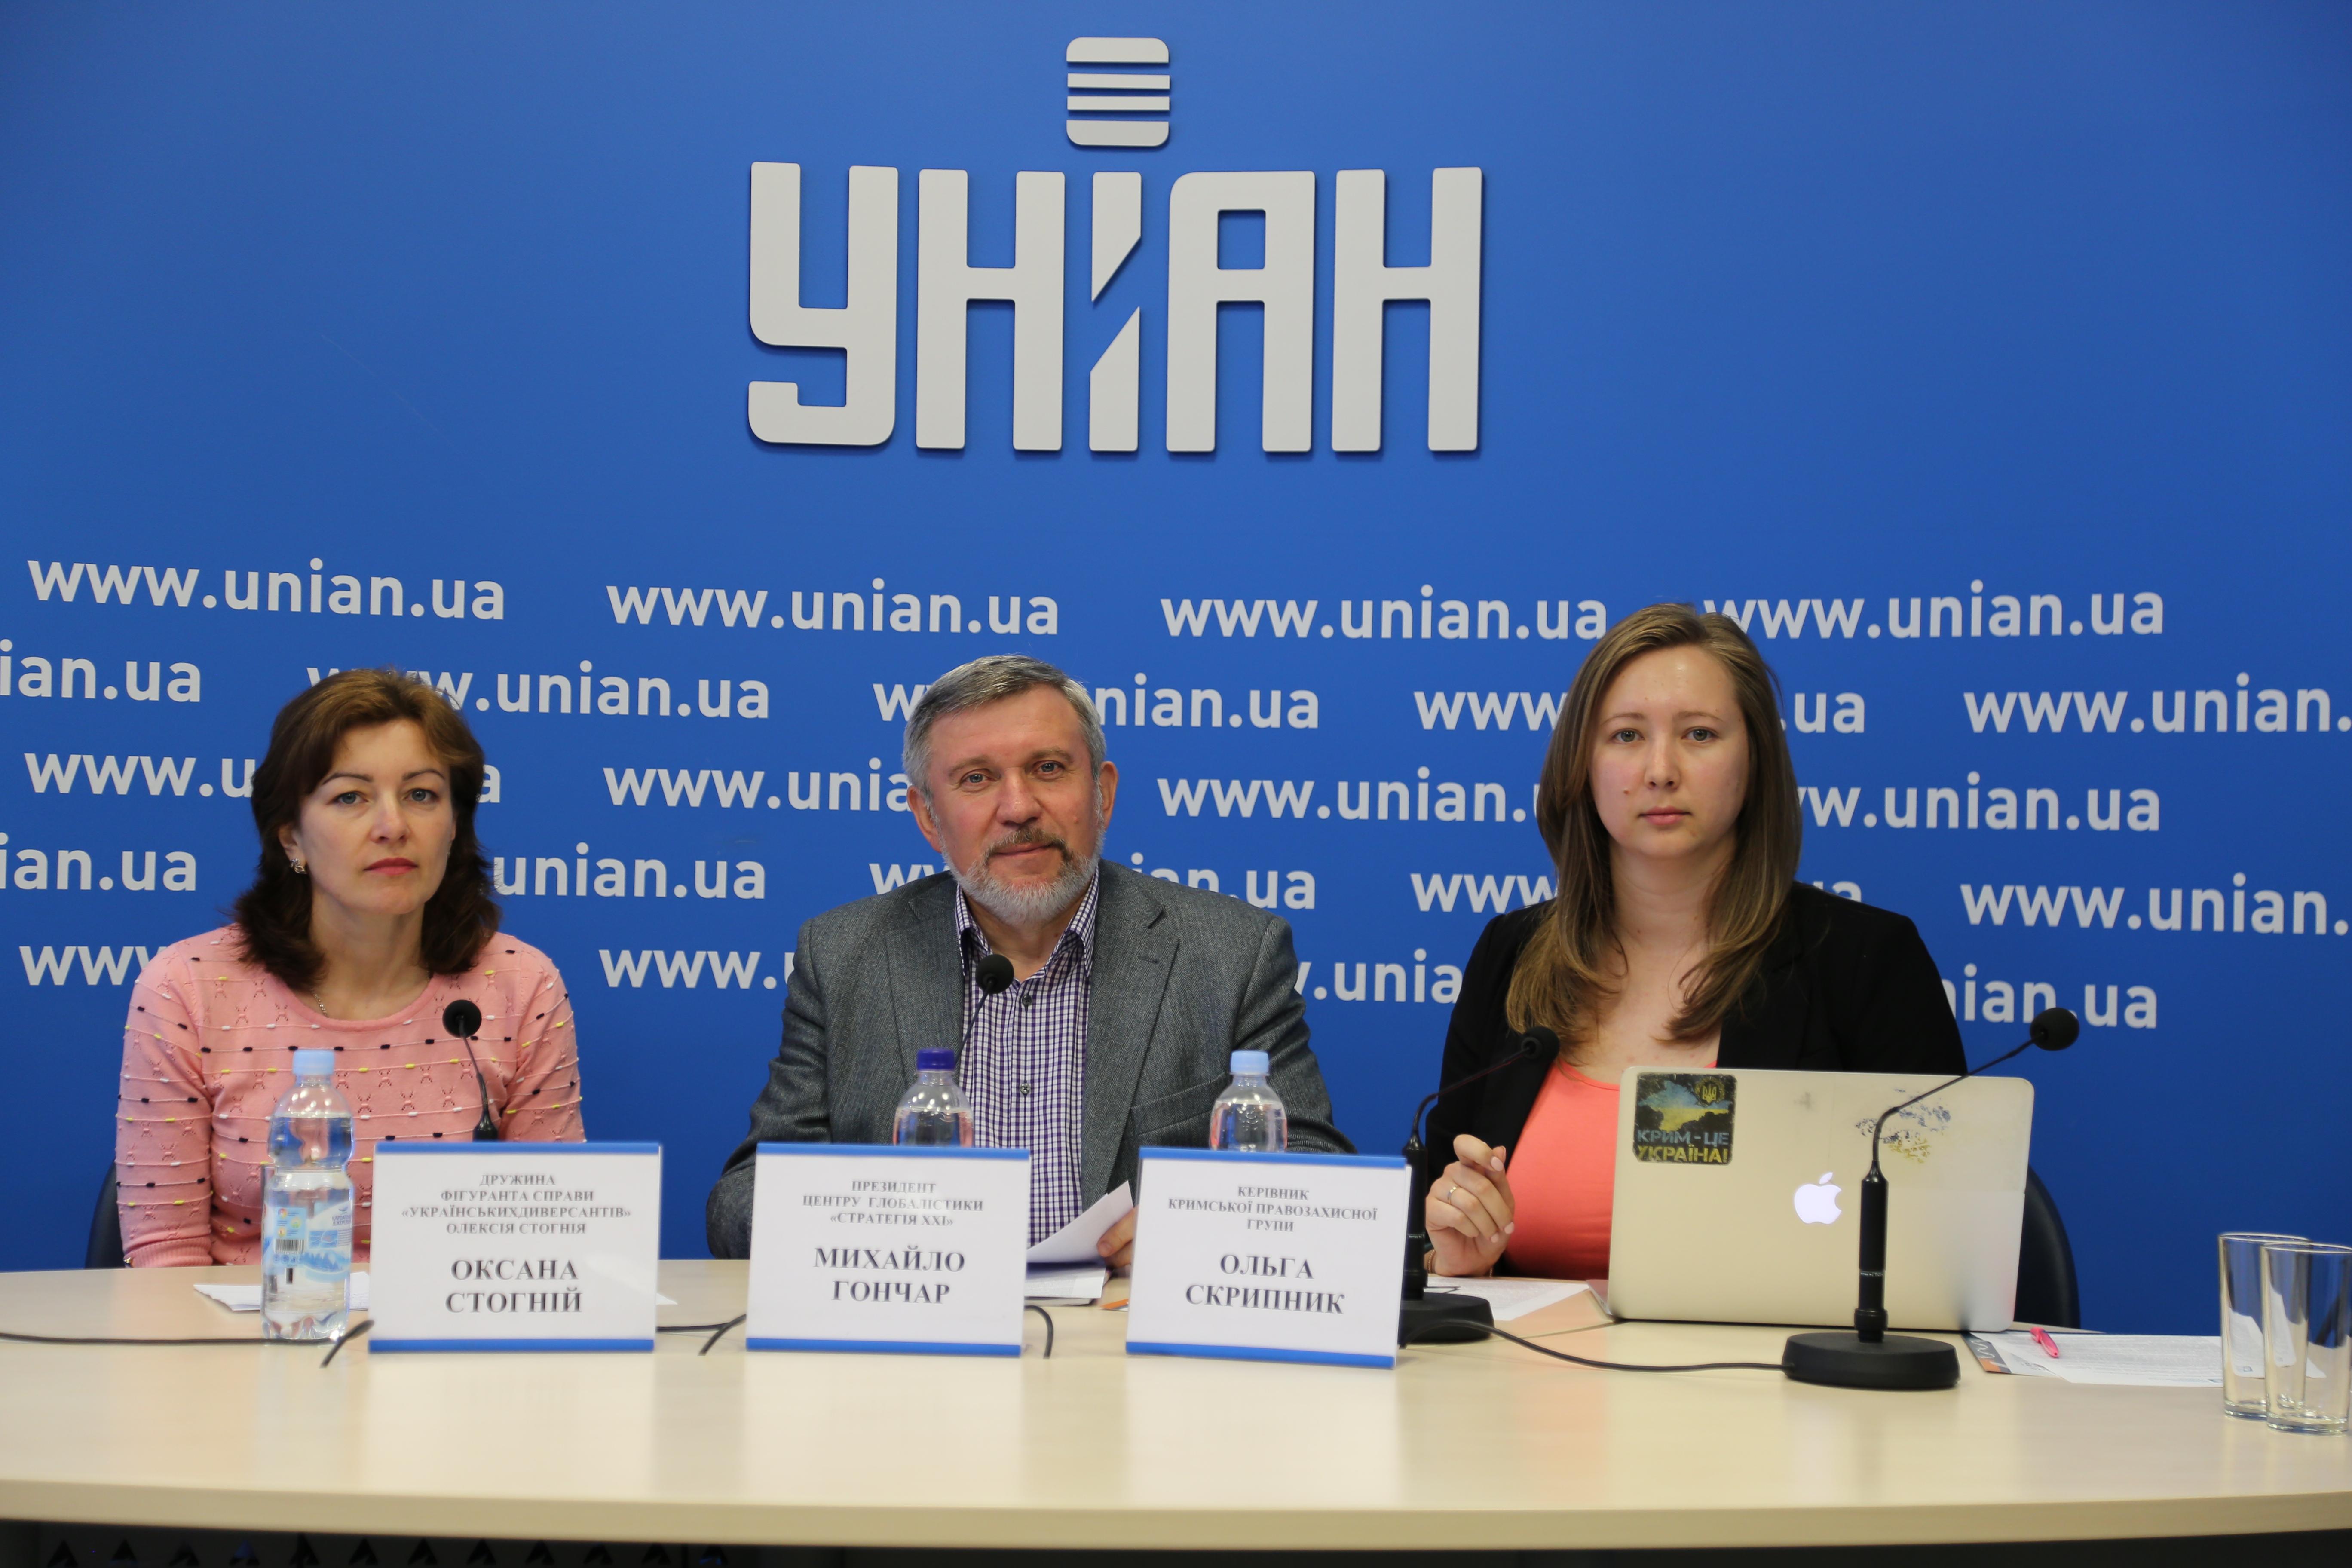 В крымском «деле украинских диверсантов» выявлены новые фальсификации (видео)